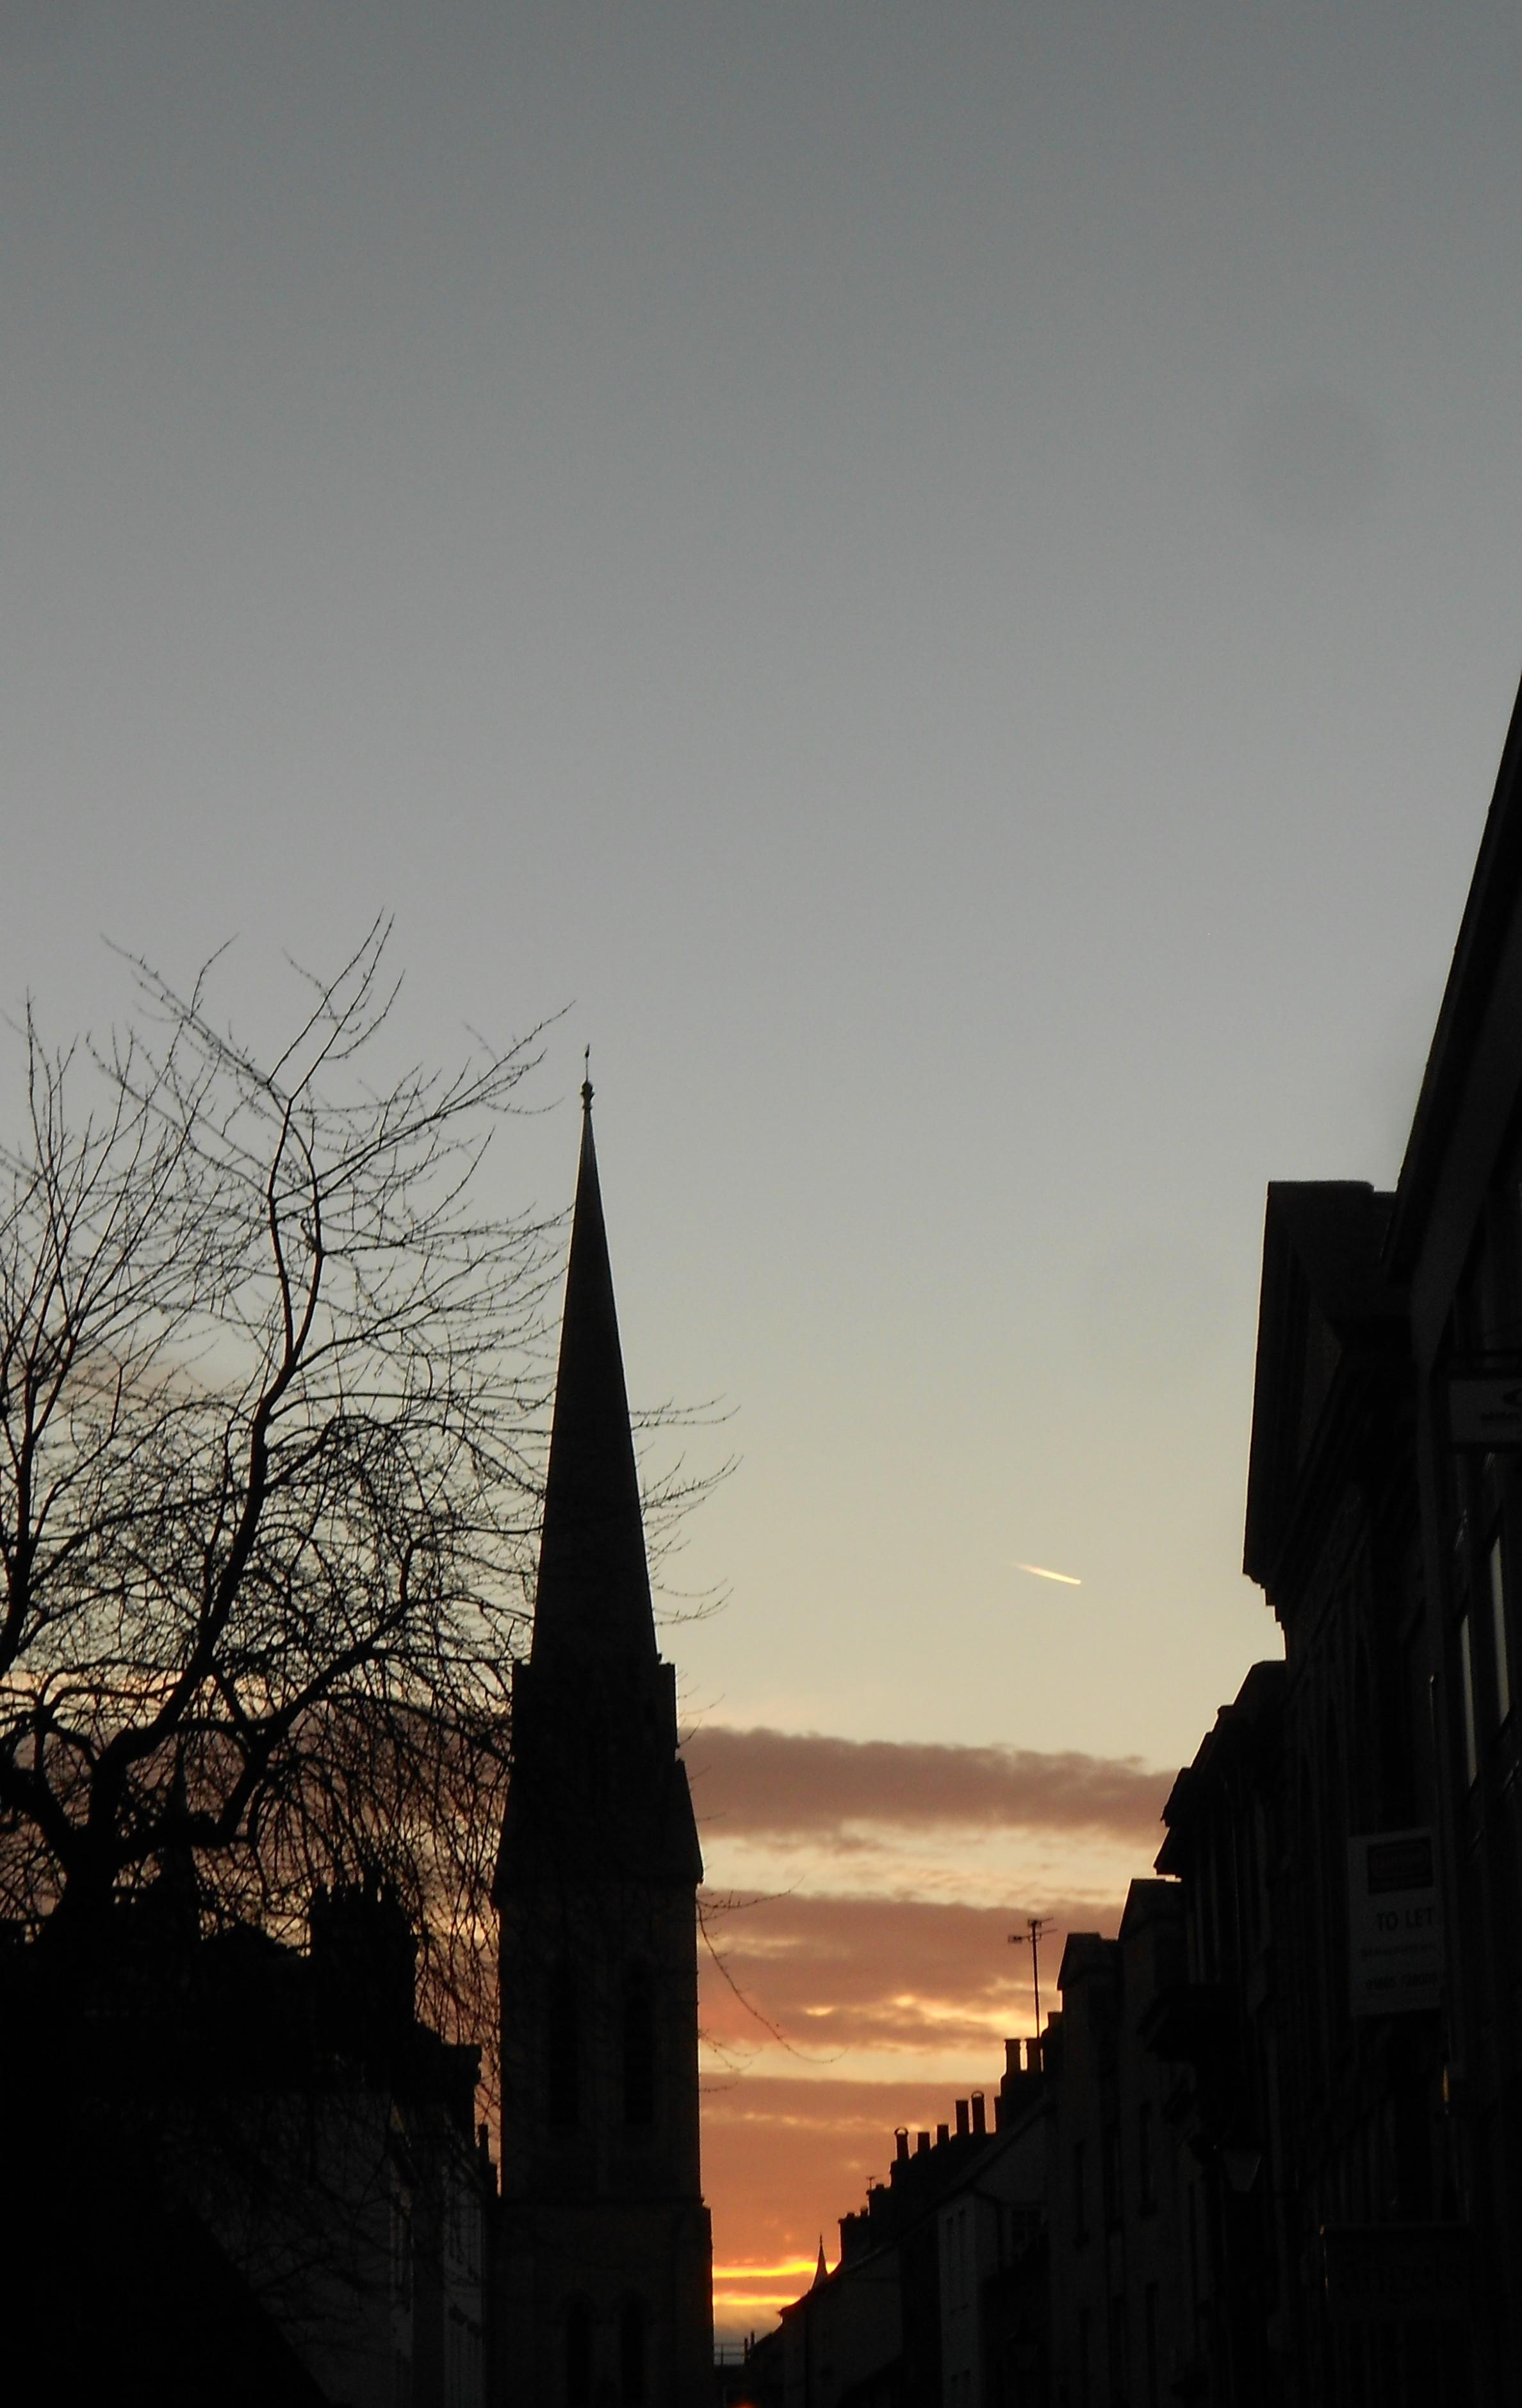 Oxford, Feb. 23, 2012